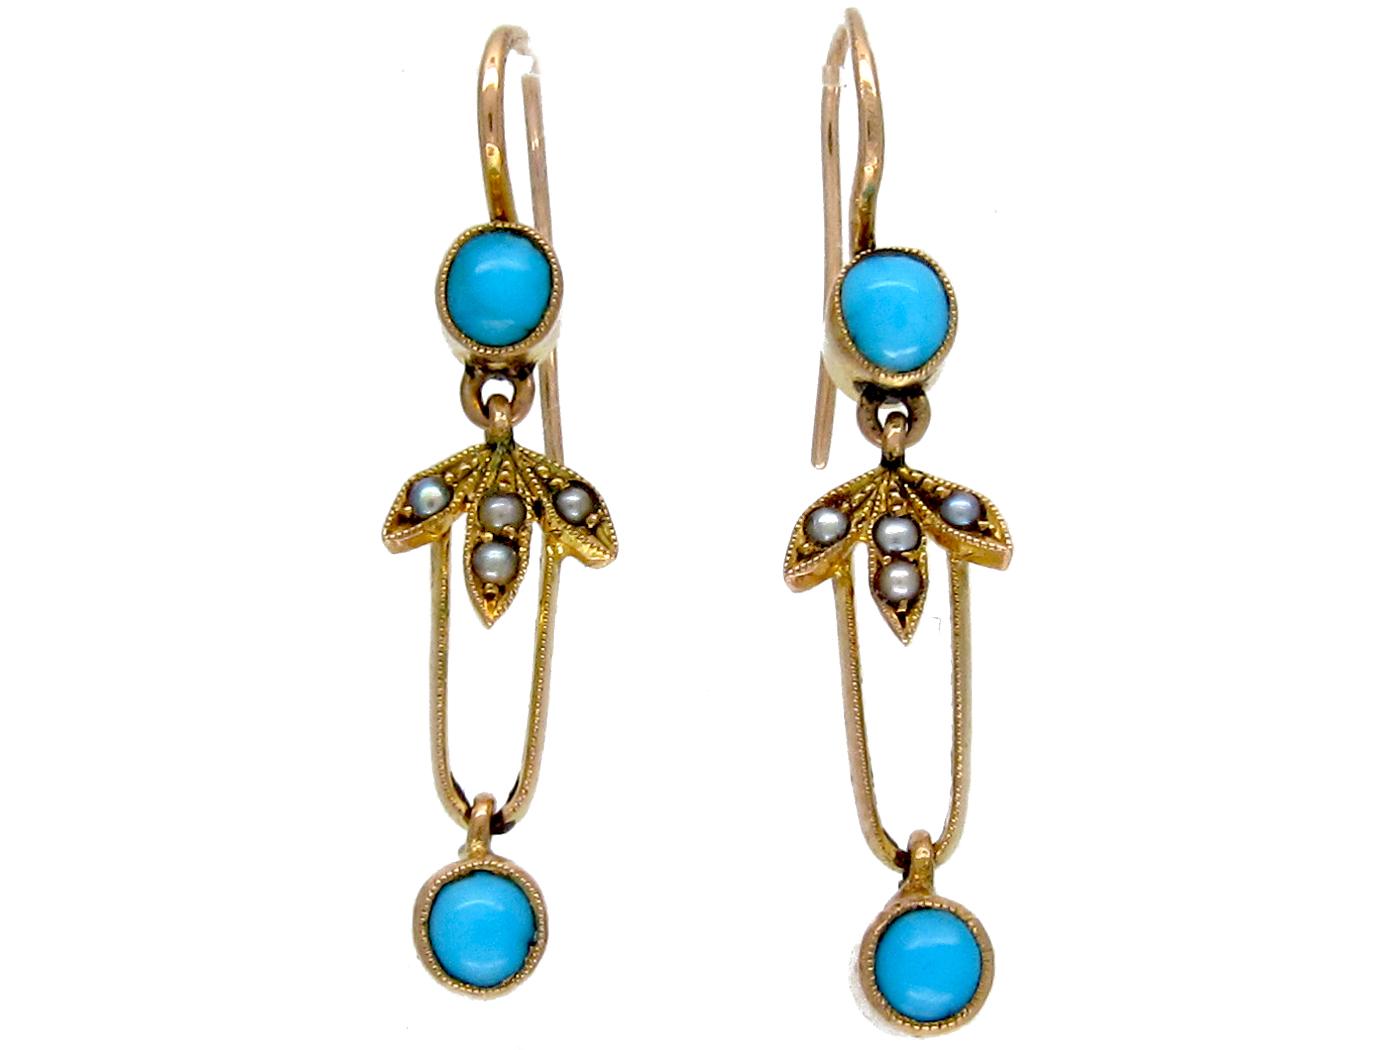 Edwardian Turquoise & Seed Pearl Drop Earrings